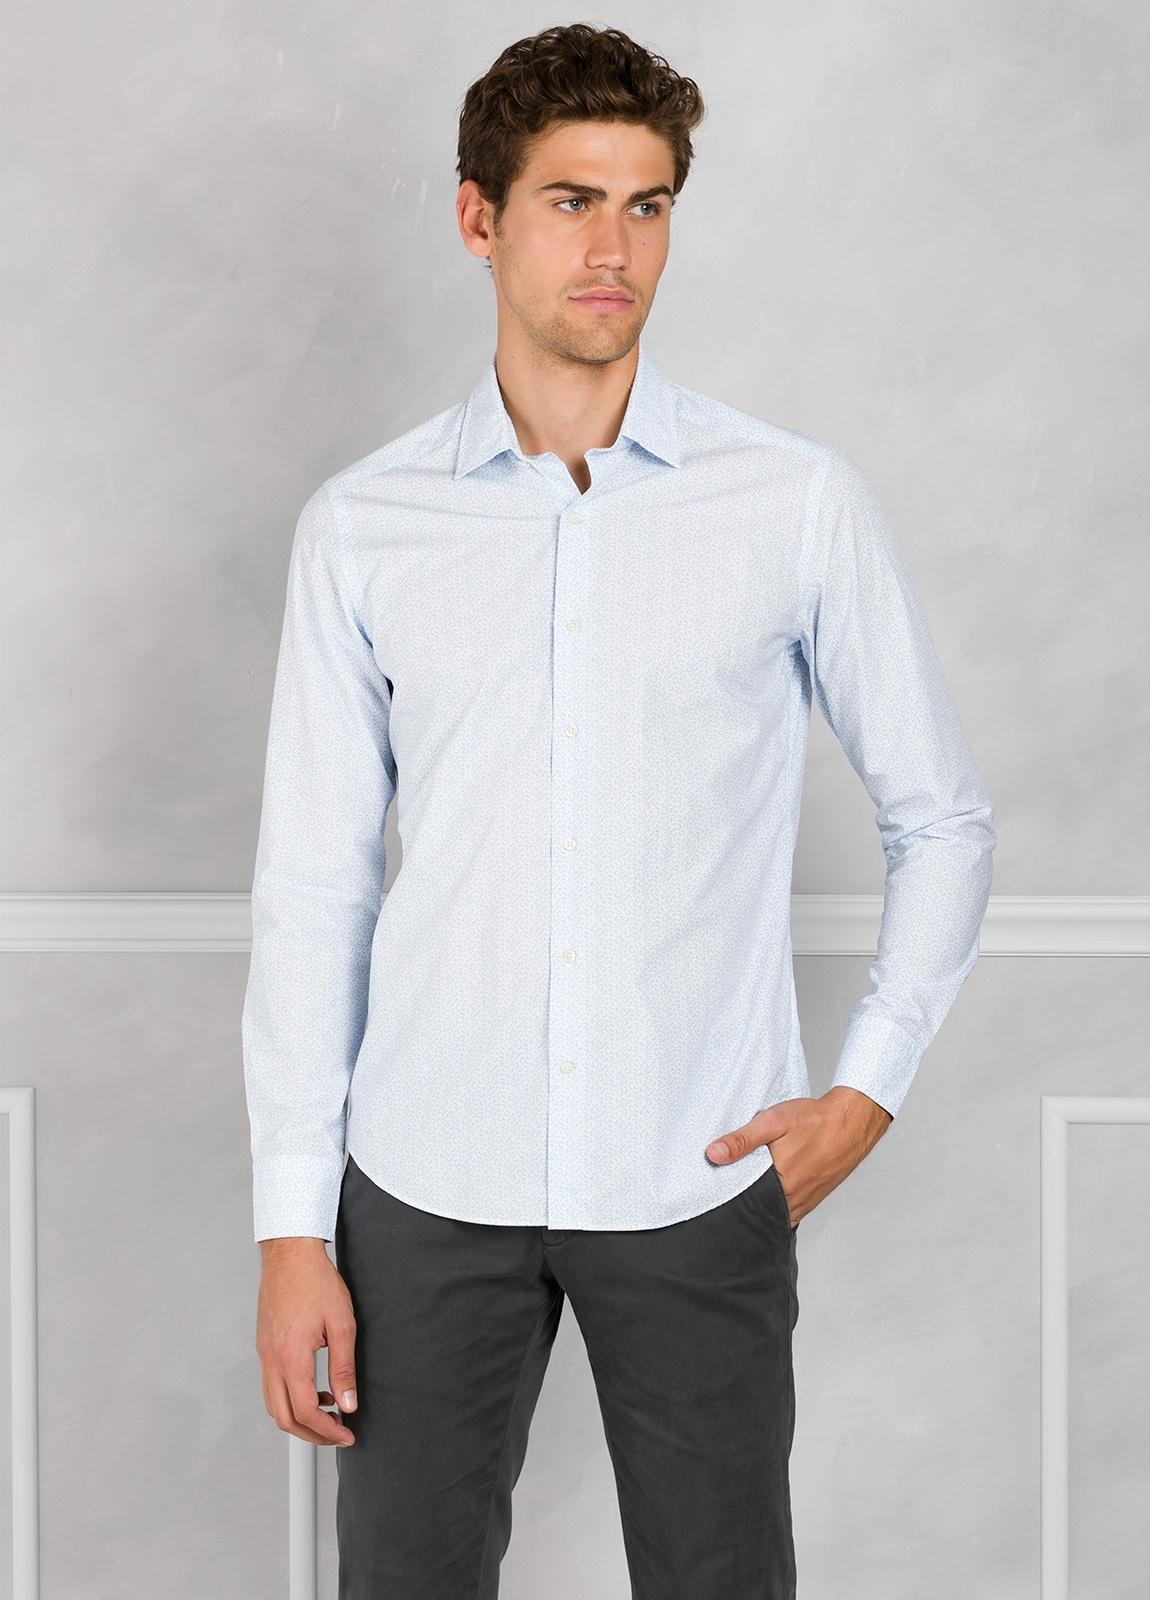 Camisa Leisure Wear SLIM FIT modelo PORTO micro dibujo color celeste. 100% Algodón.